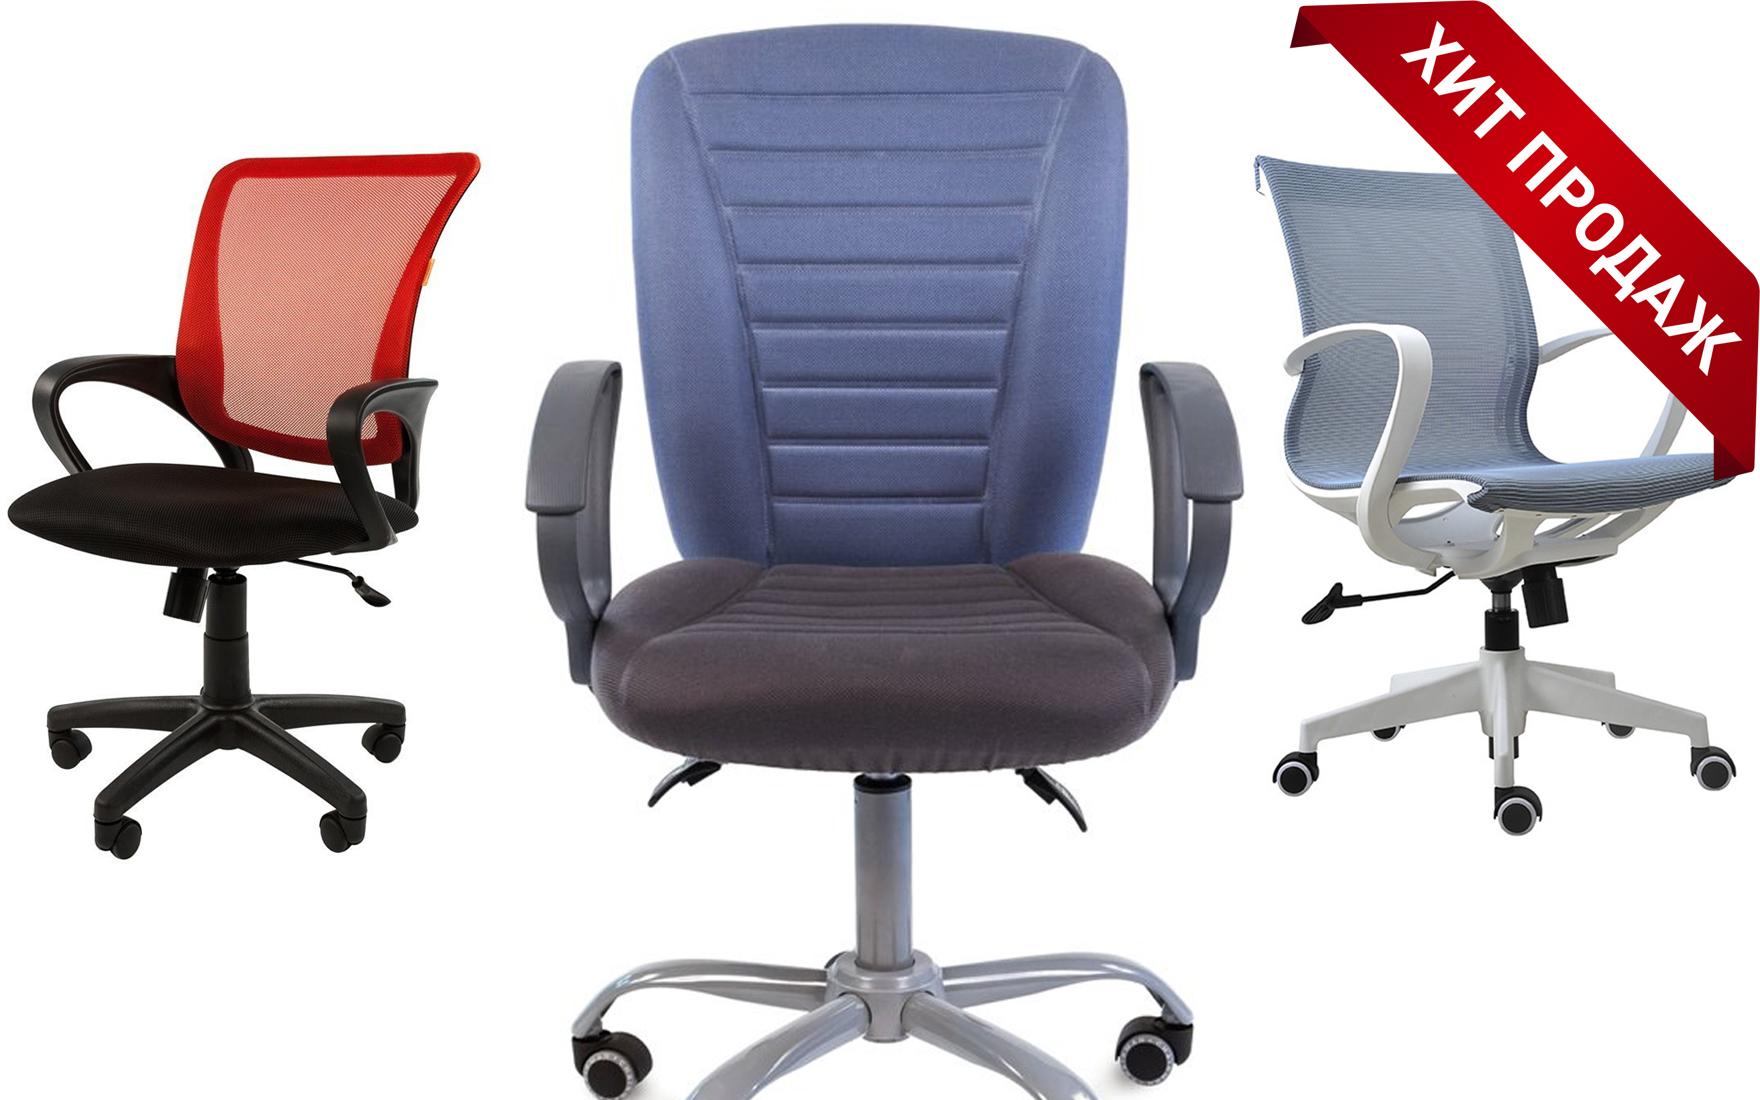 Лучшие офисные кресла 2020: 5 отличных рабочих лошадок